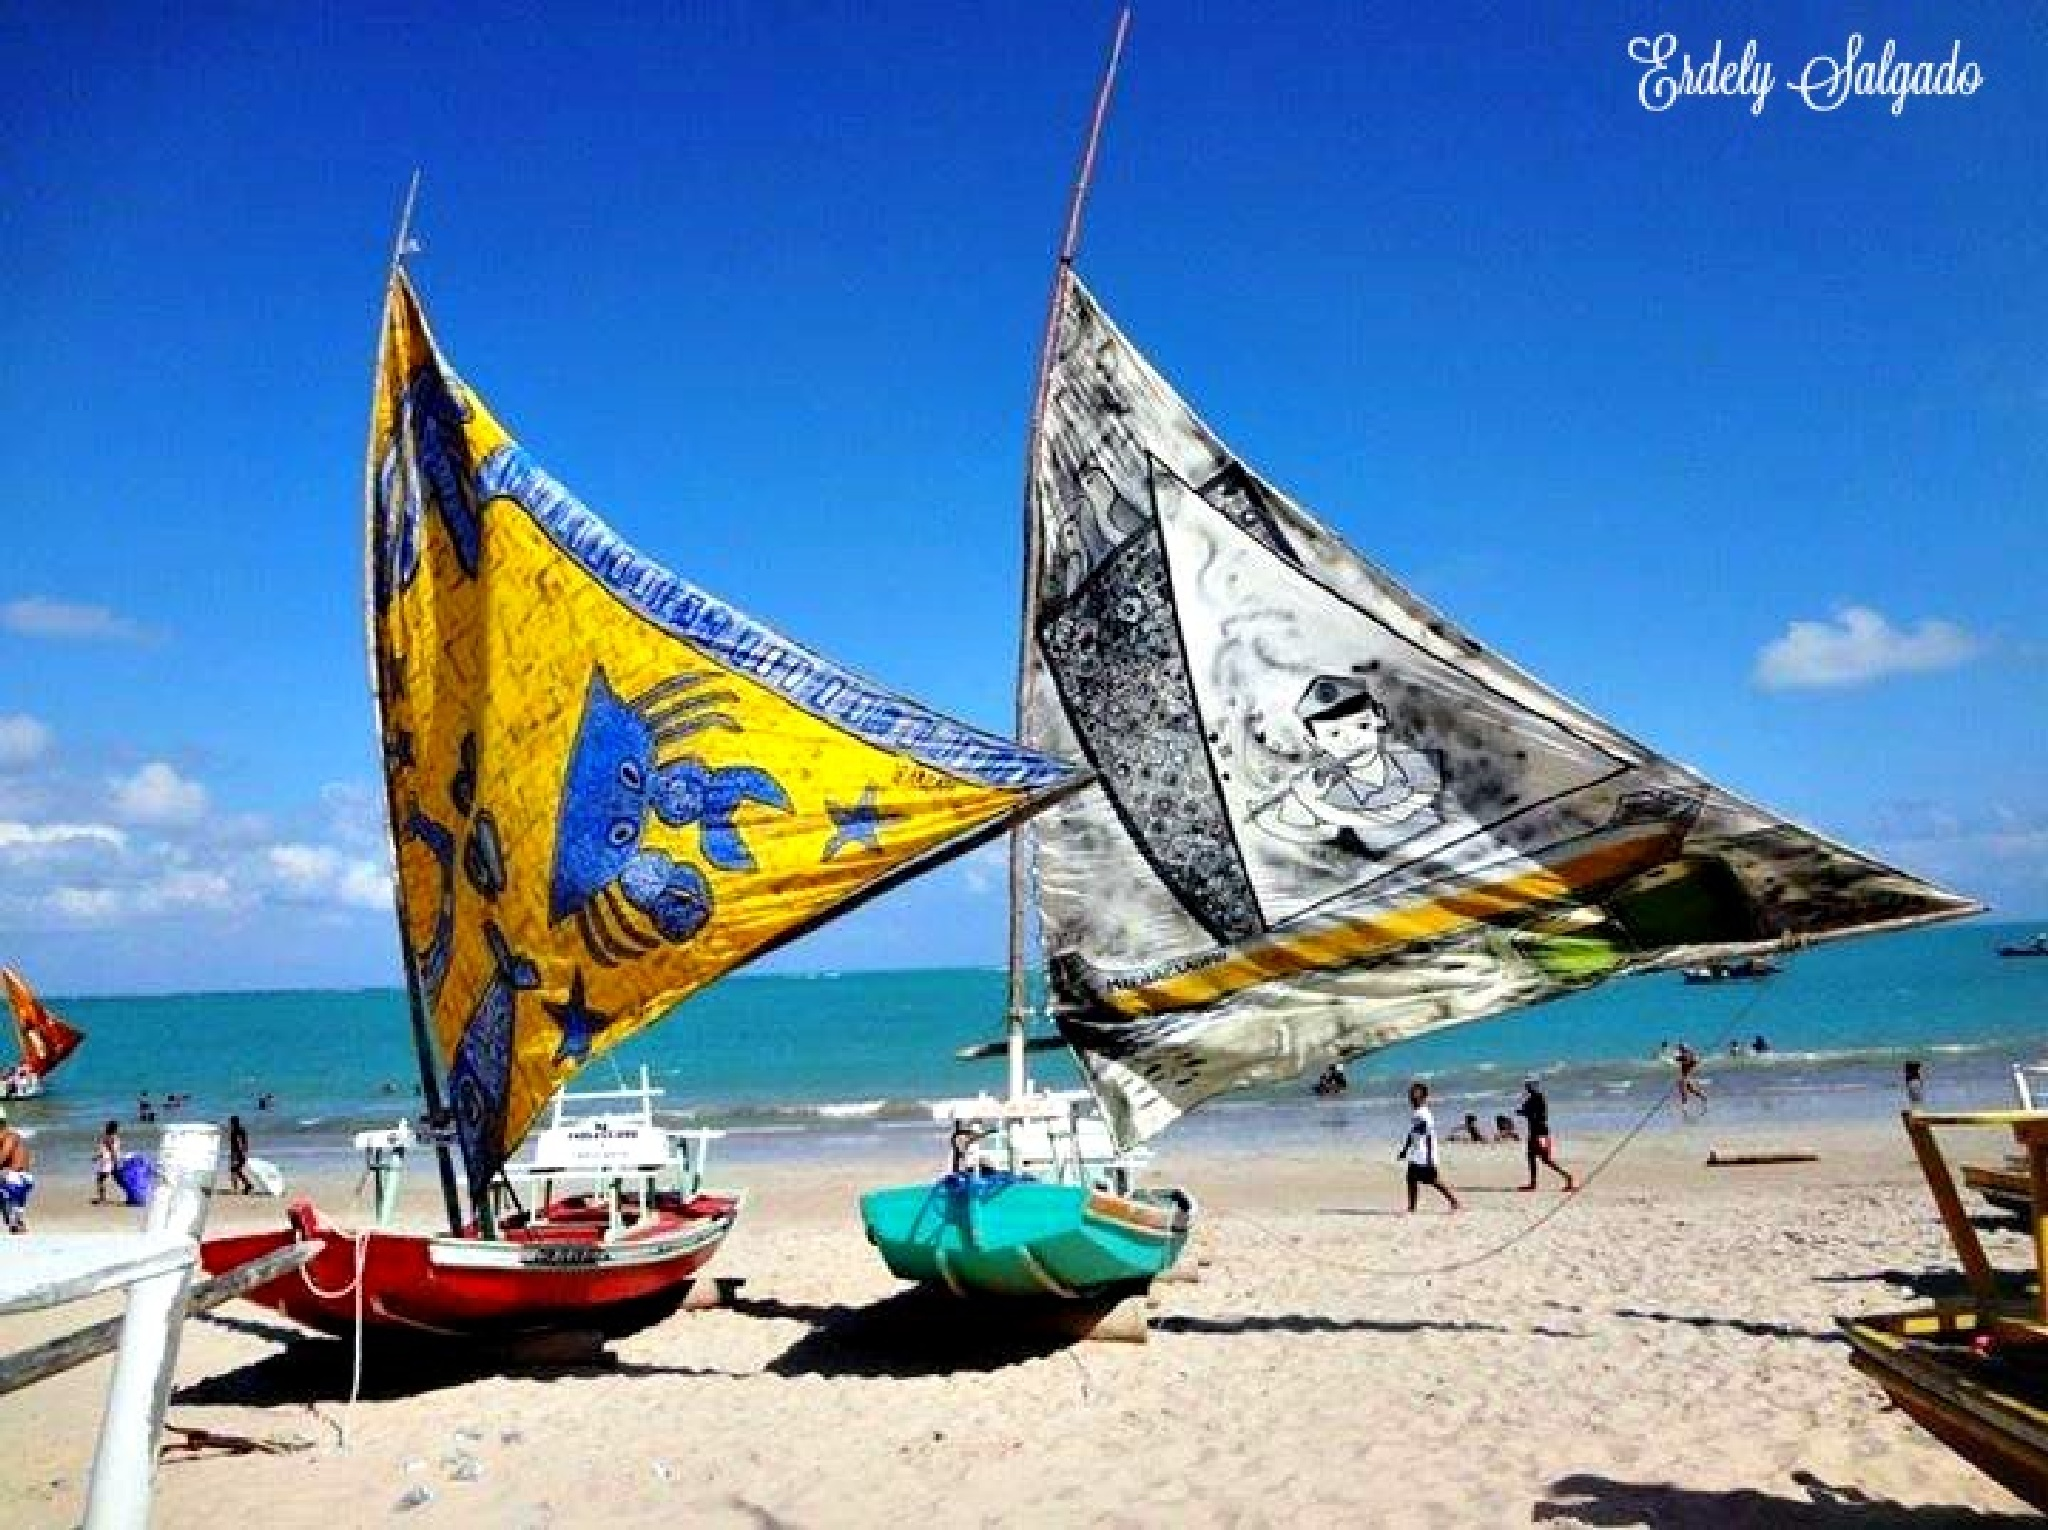 Praia de Pajuçara-Maceió-Alagoas!!! by ErdelySalgado